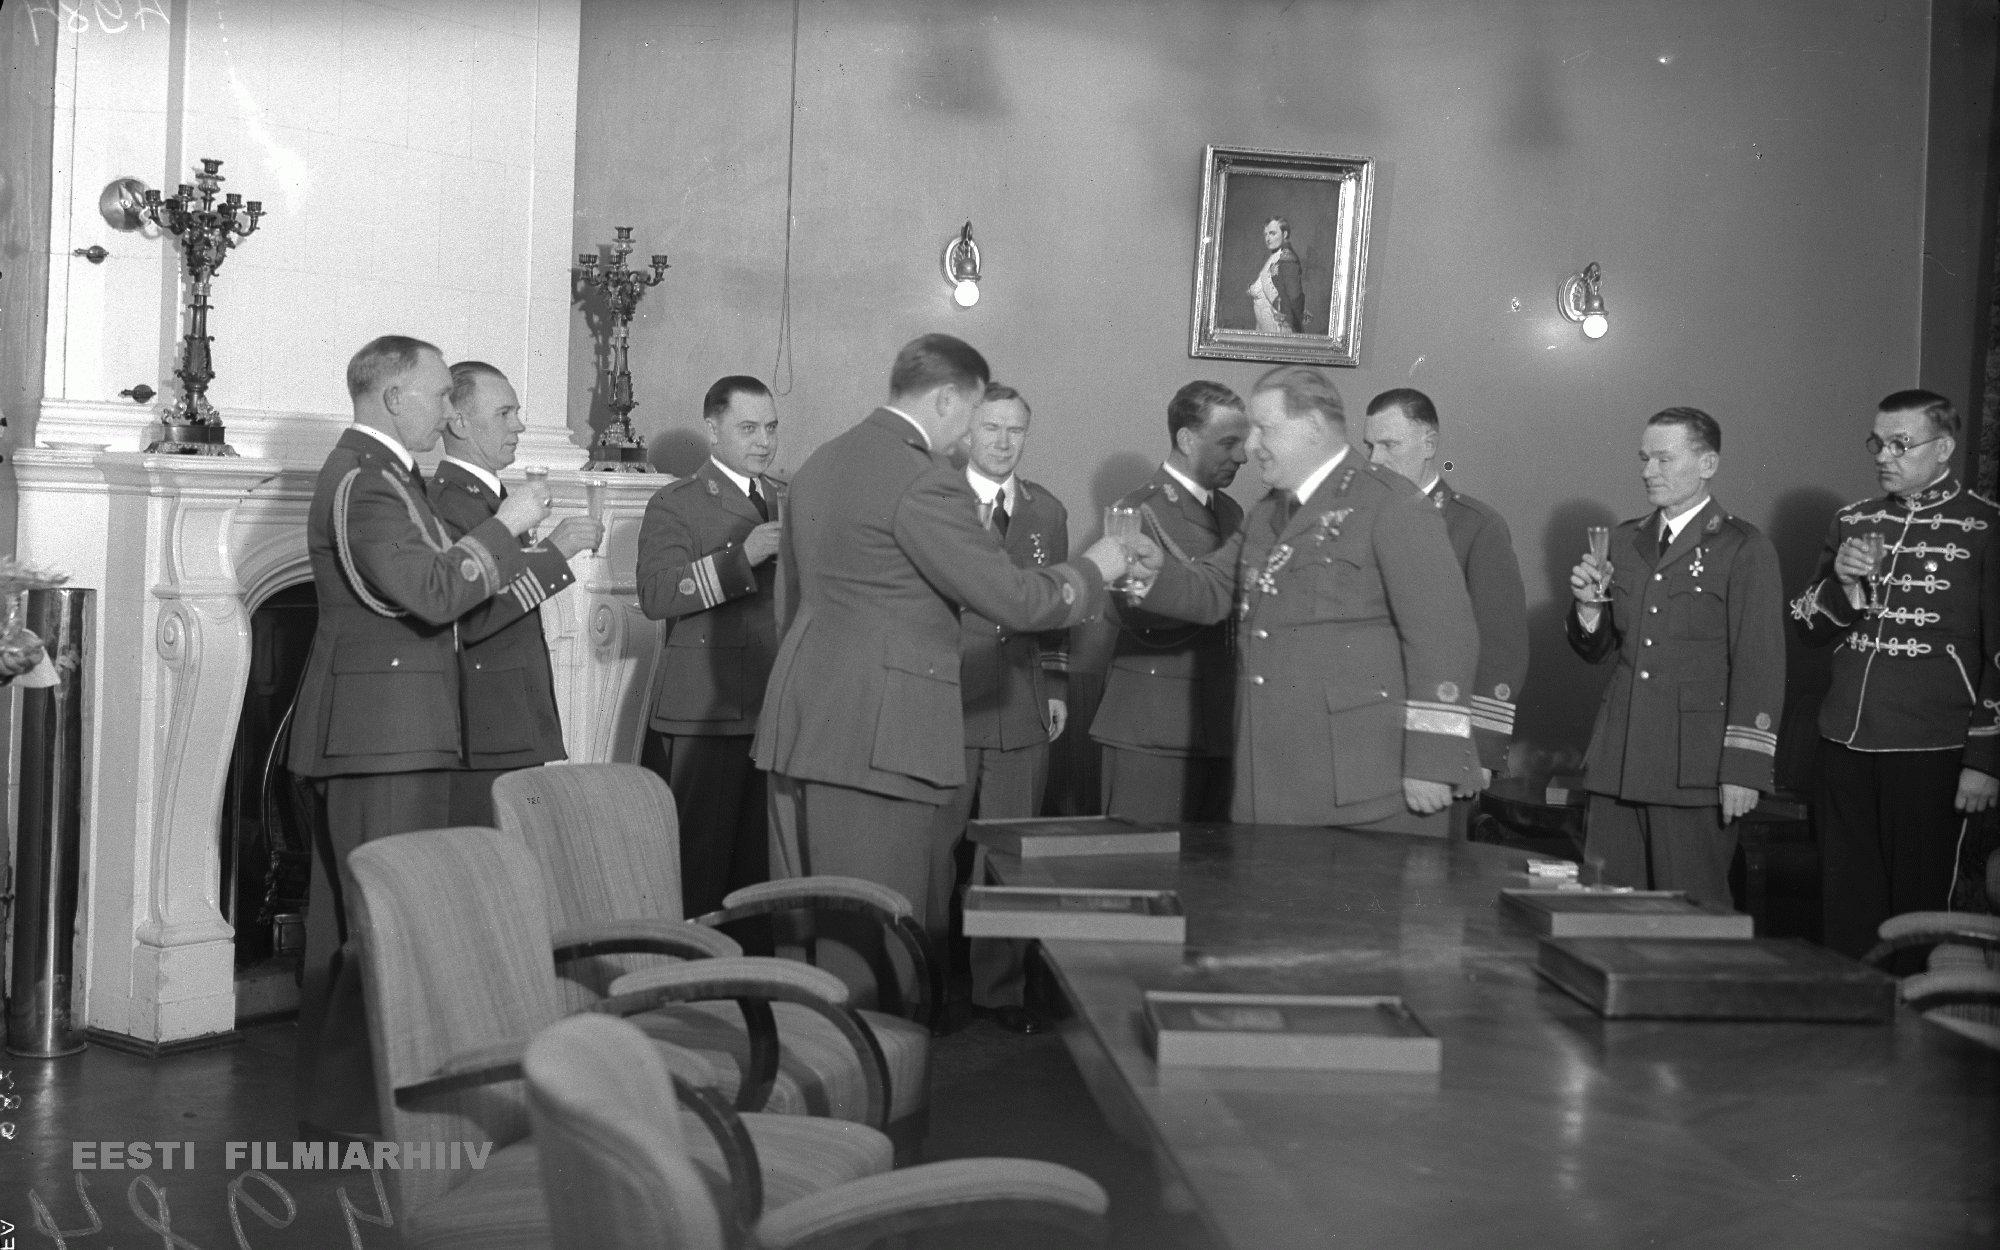 Tallinna Opetajate Maja Raekoja plats 14 Kaitsevae Staabi Ohvitseride Kogu albumite katteandmine 4.12.1937